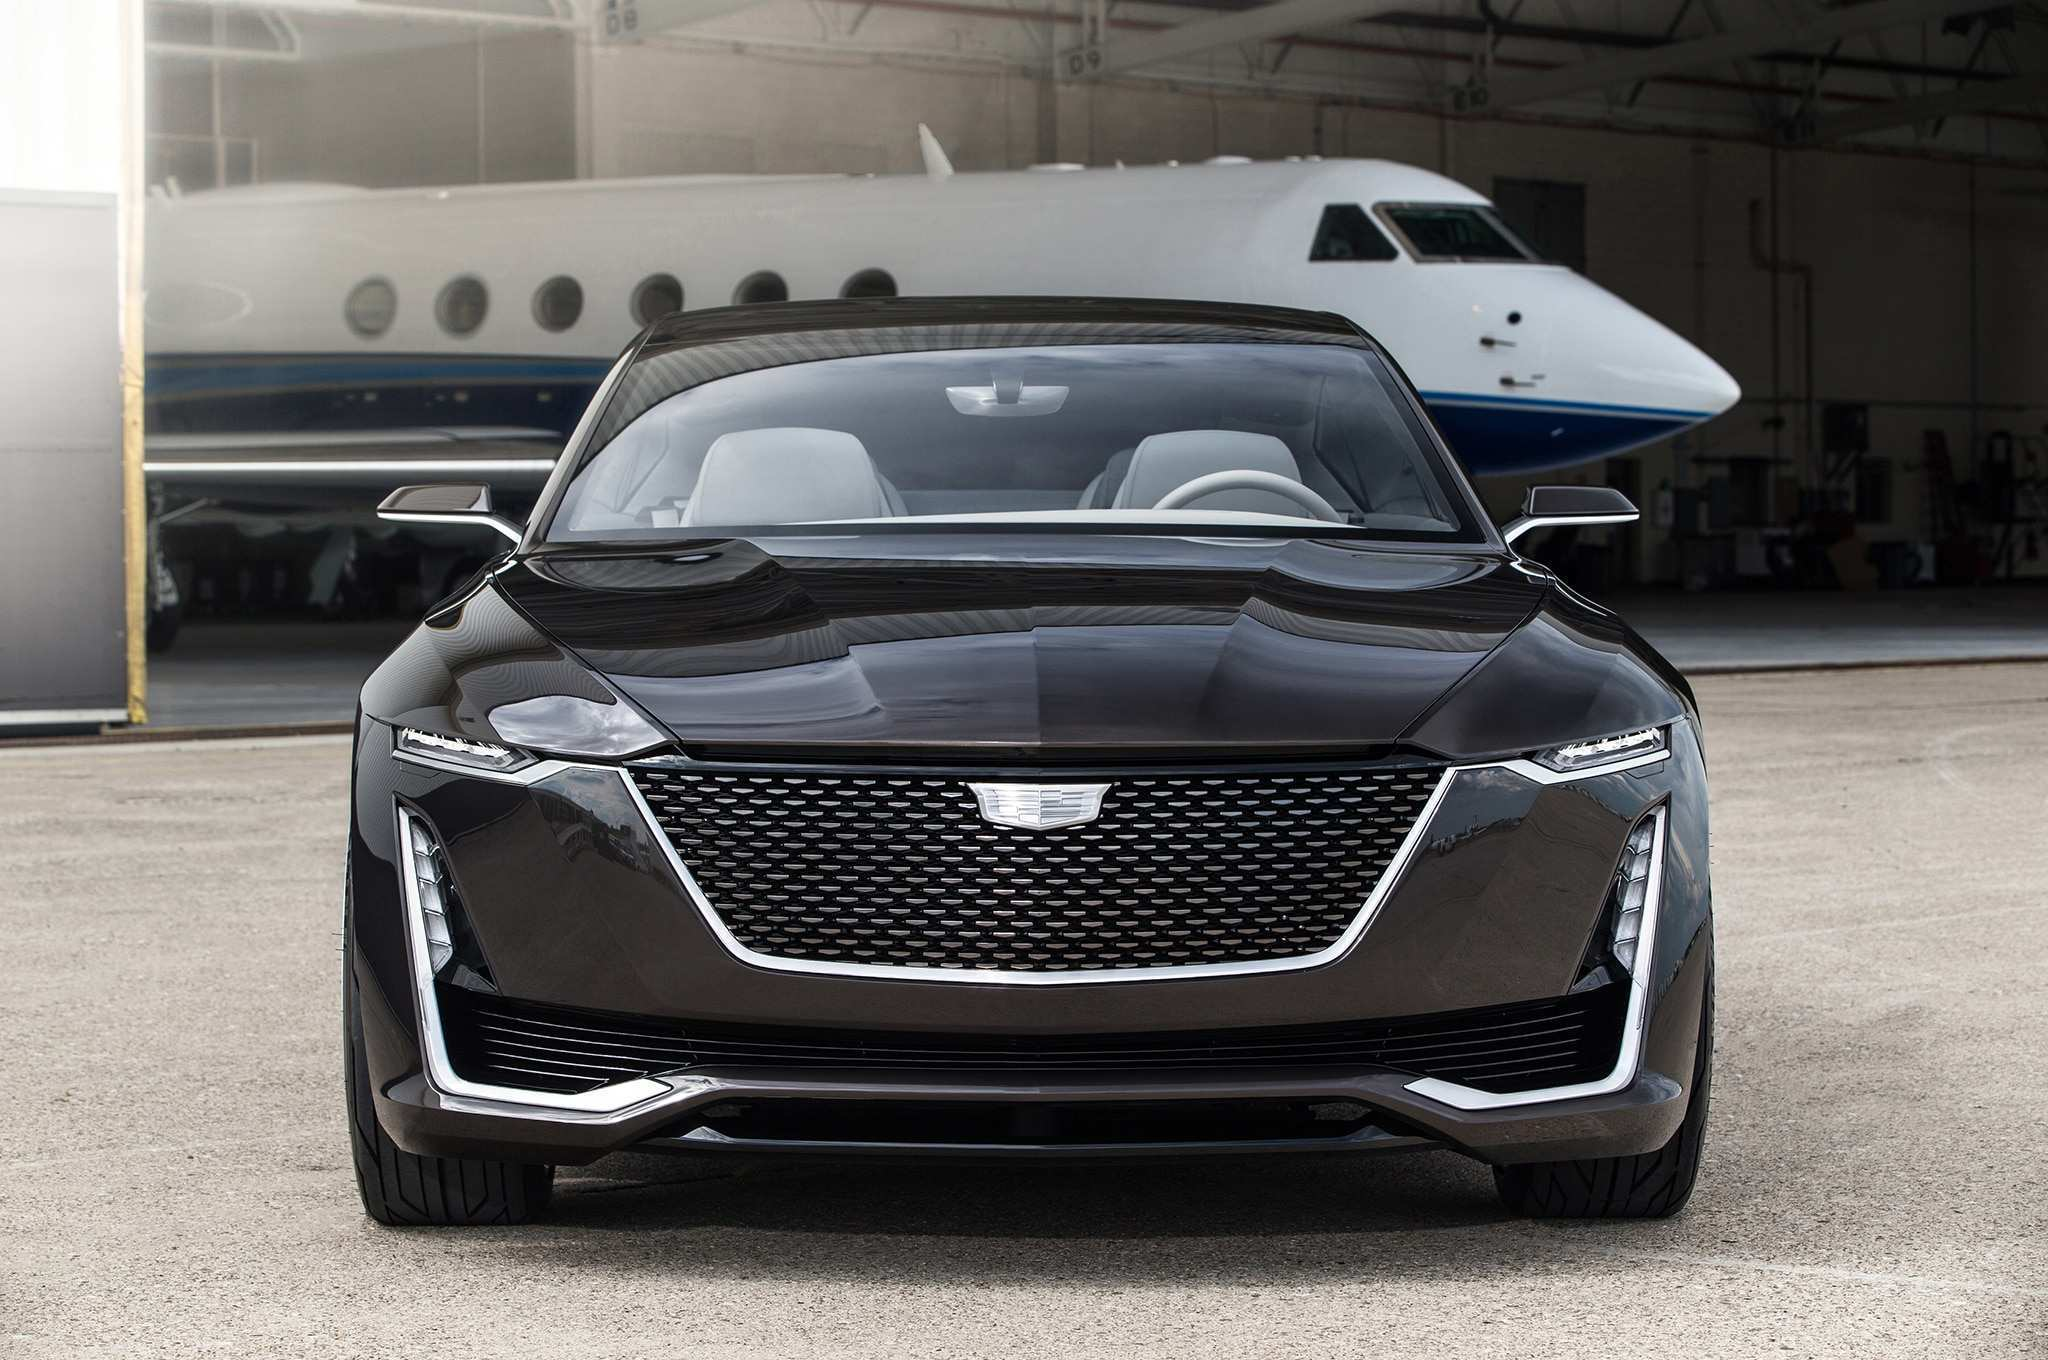 84 New 2019 Cadillac Escala Convertible Photos for 2019 Cadillac Escala Convertible